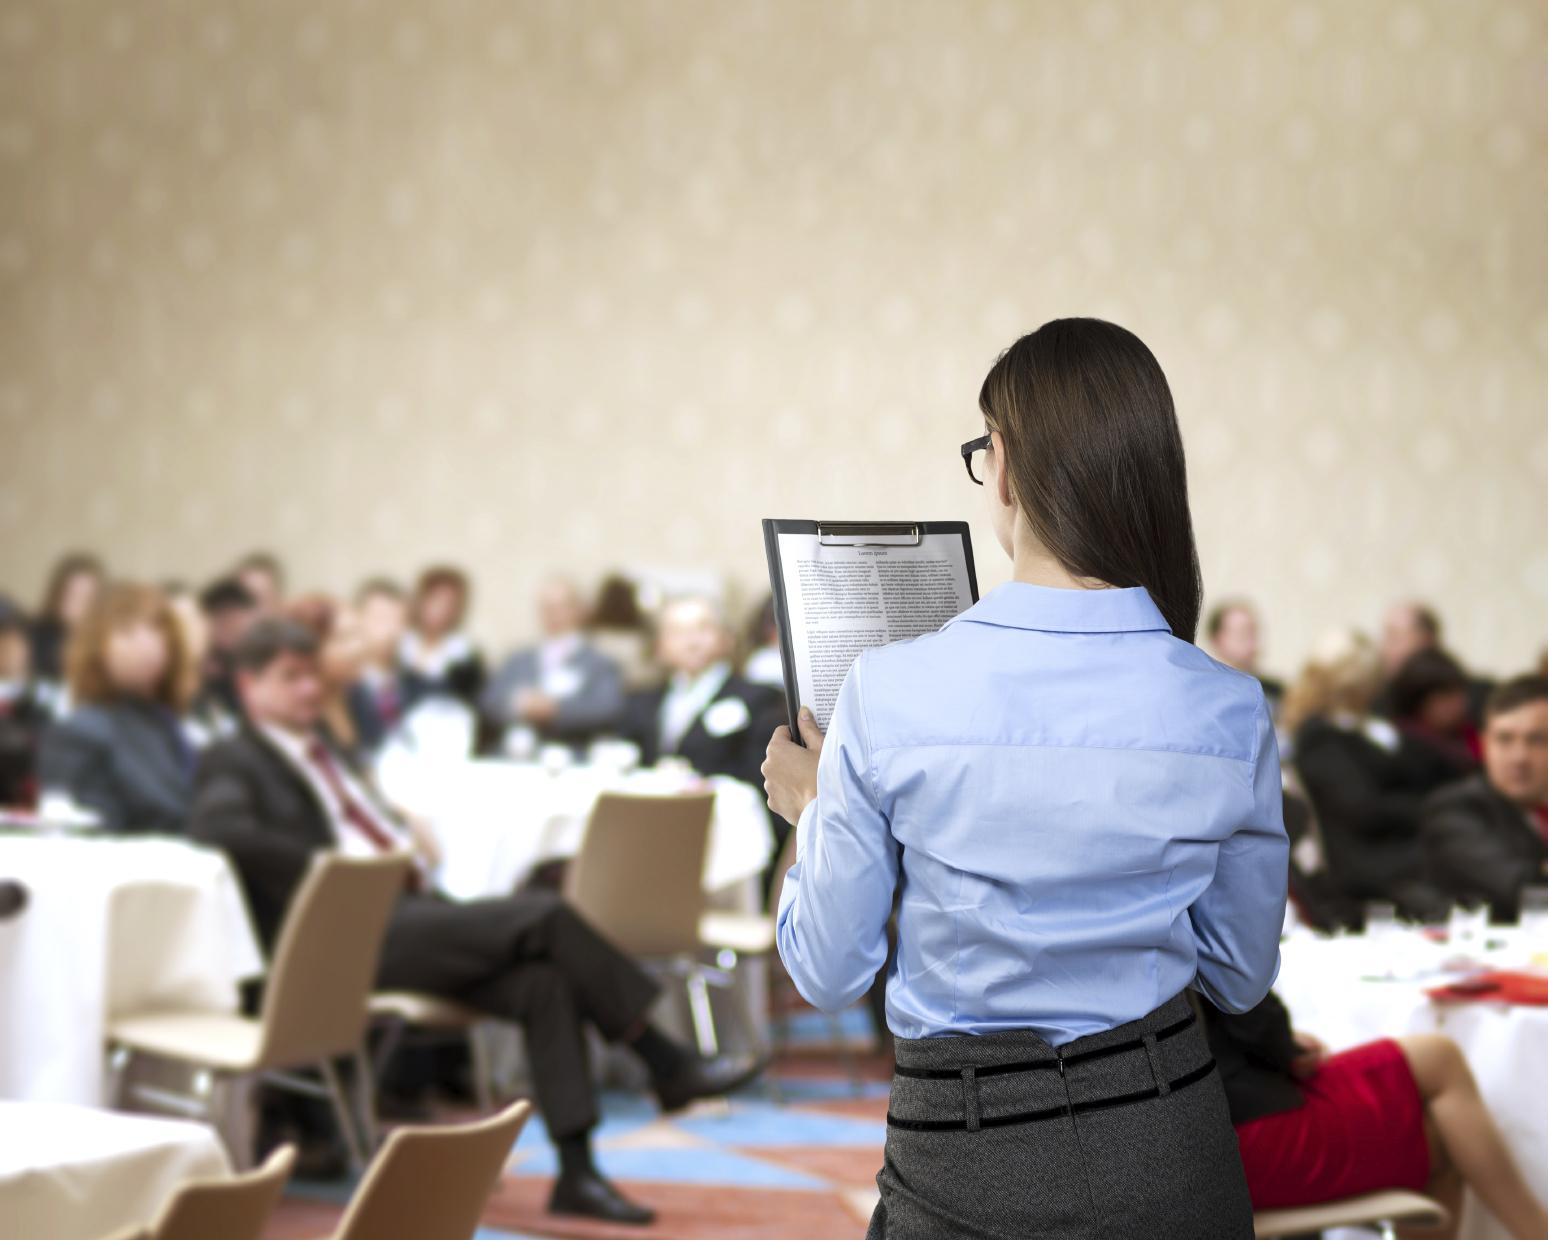 5 tips para usar astutamente las redes sociales en las conferencias